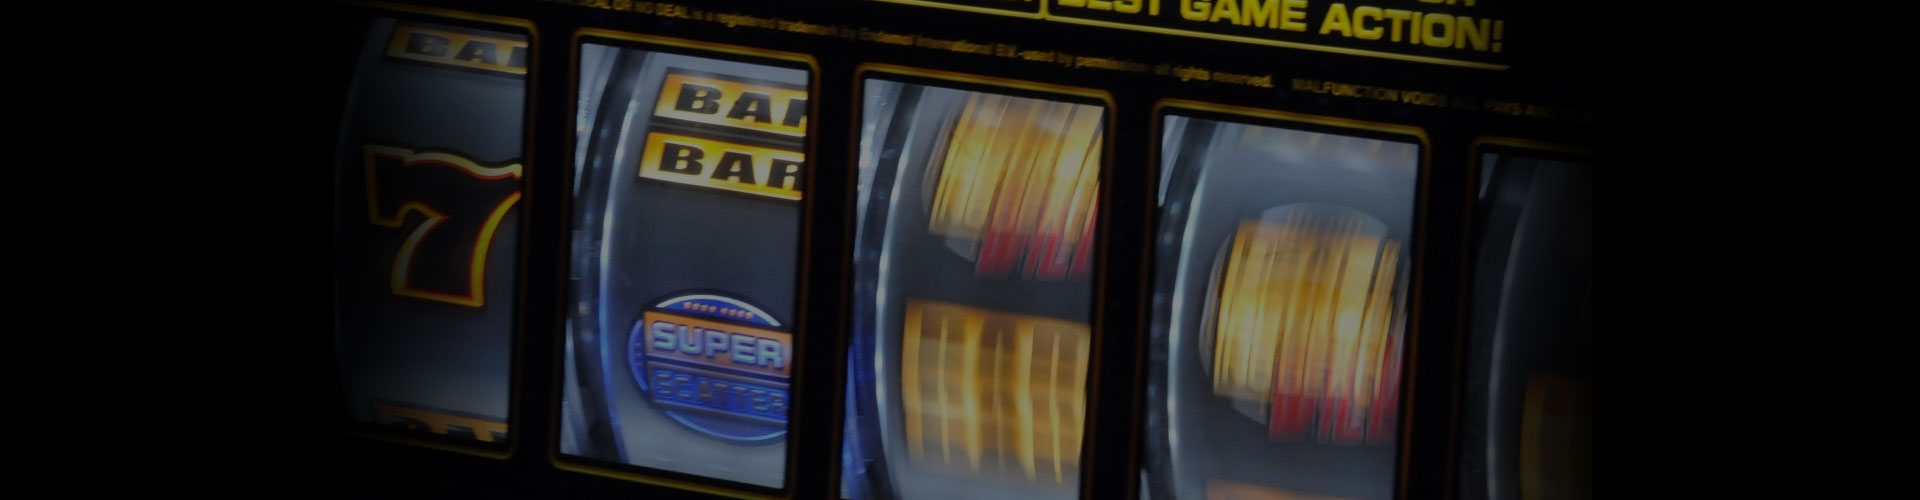 Unibet Casino Bonus Code ohne Einzahlung August 2018